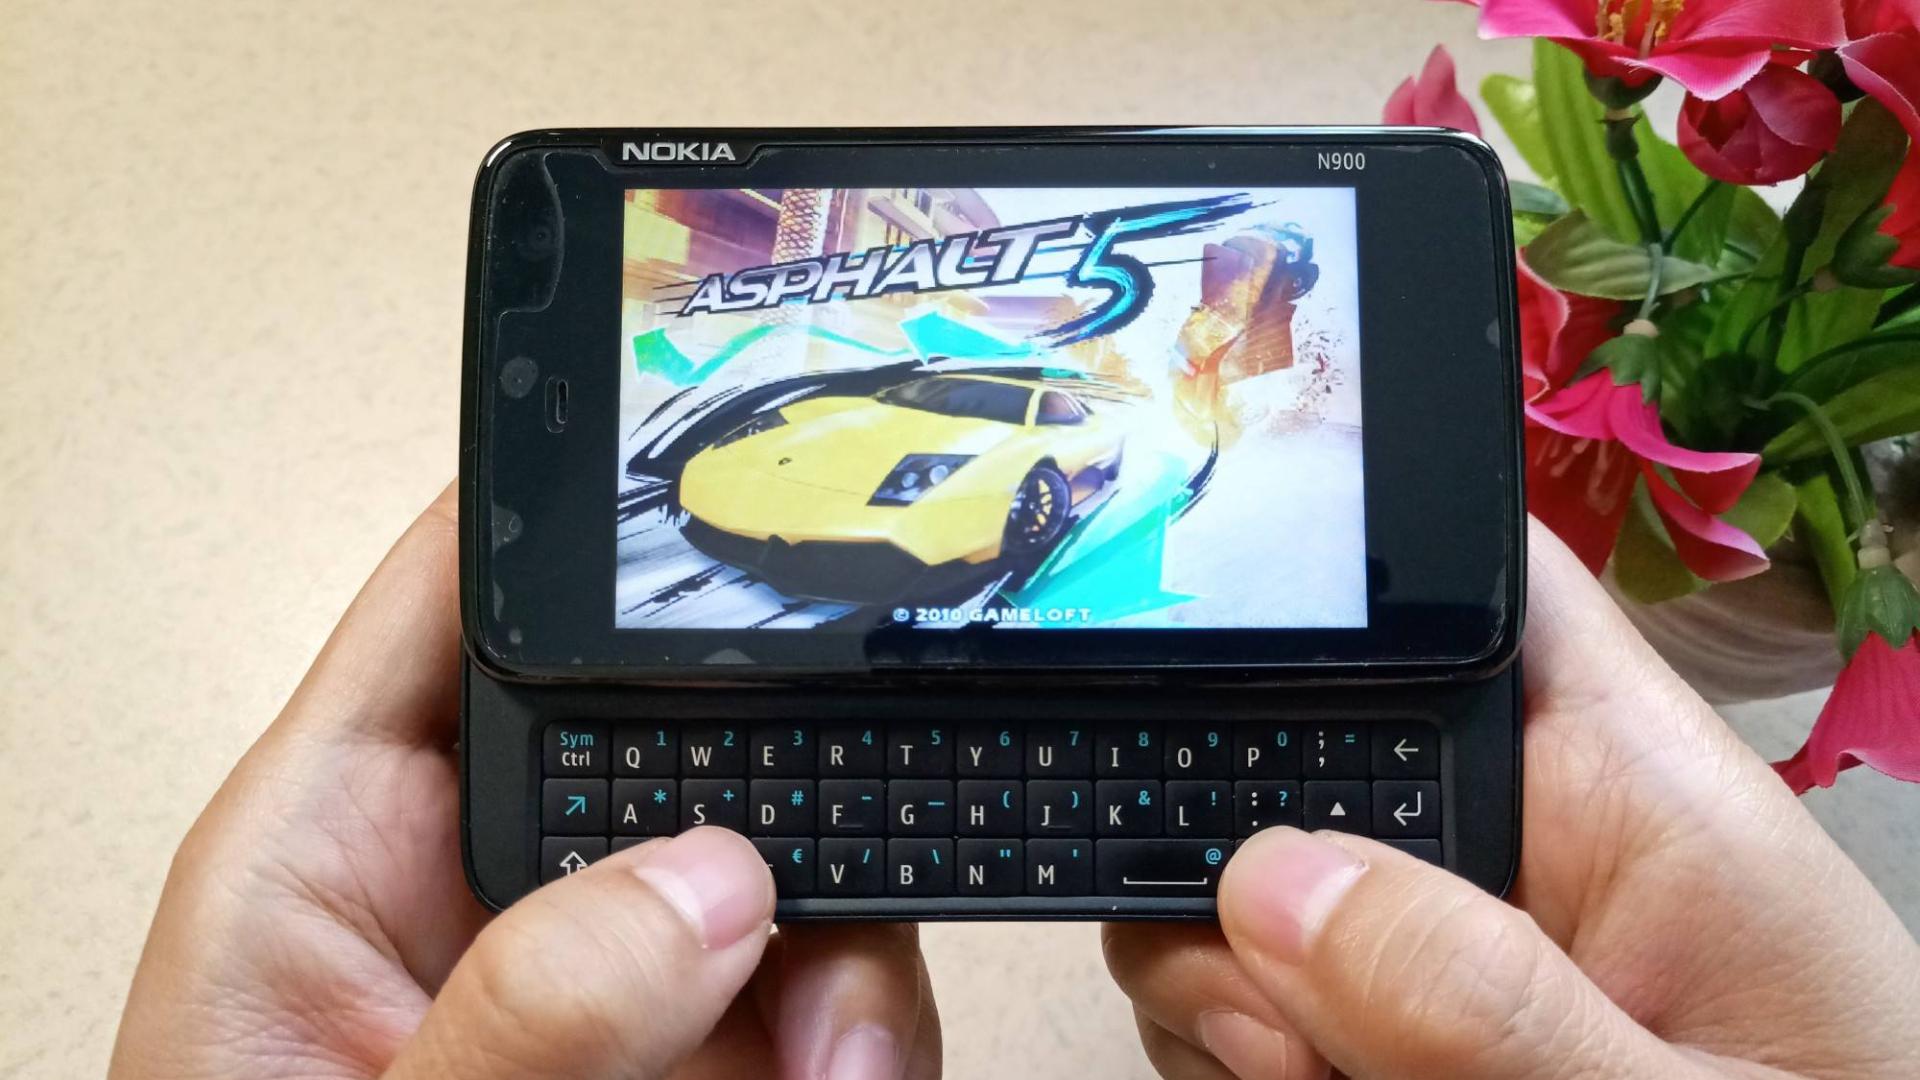 Maemo系统小众手机,诺基亚10年前超强MID设备N900玩《狂野飙车5》